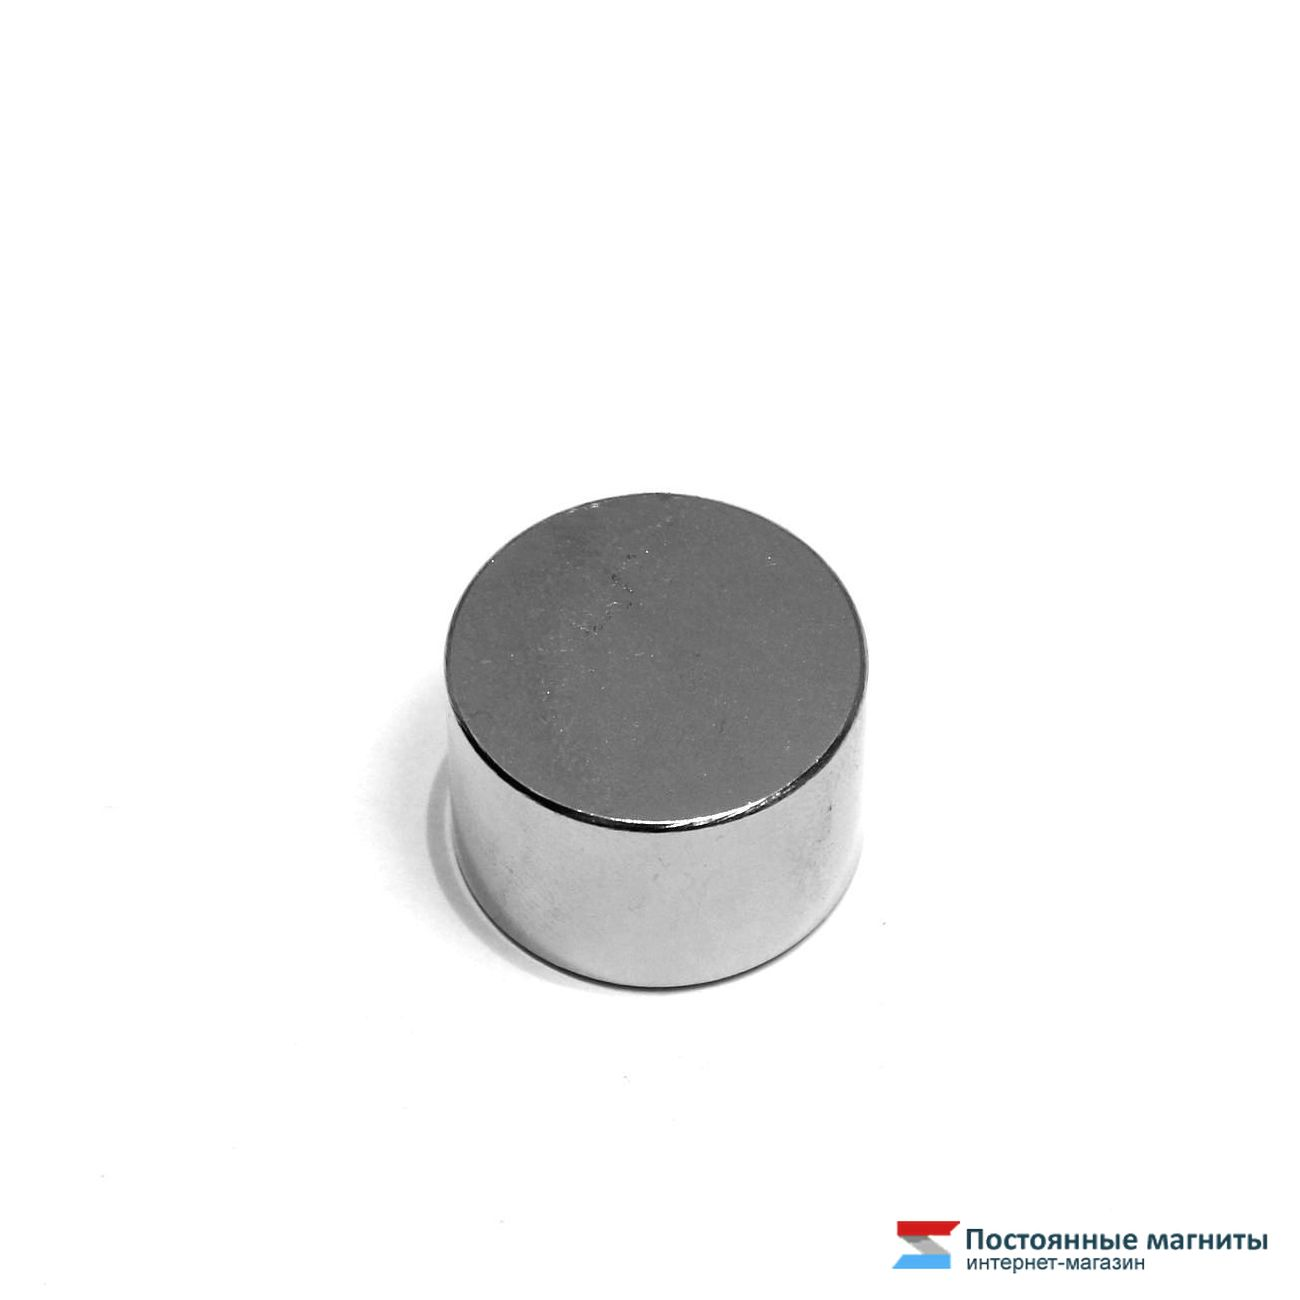 неодимовый магнит купить в санкт-петербурге